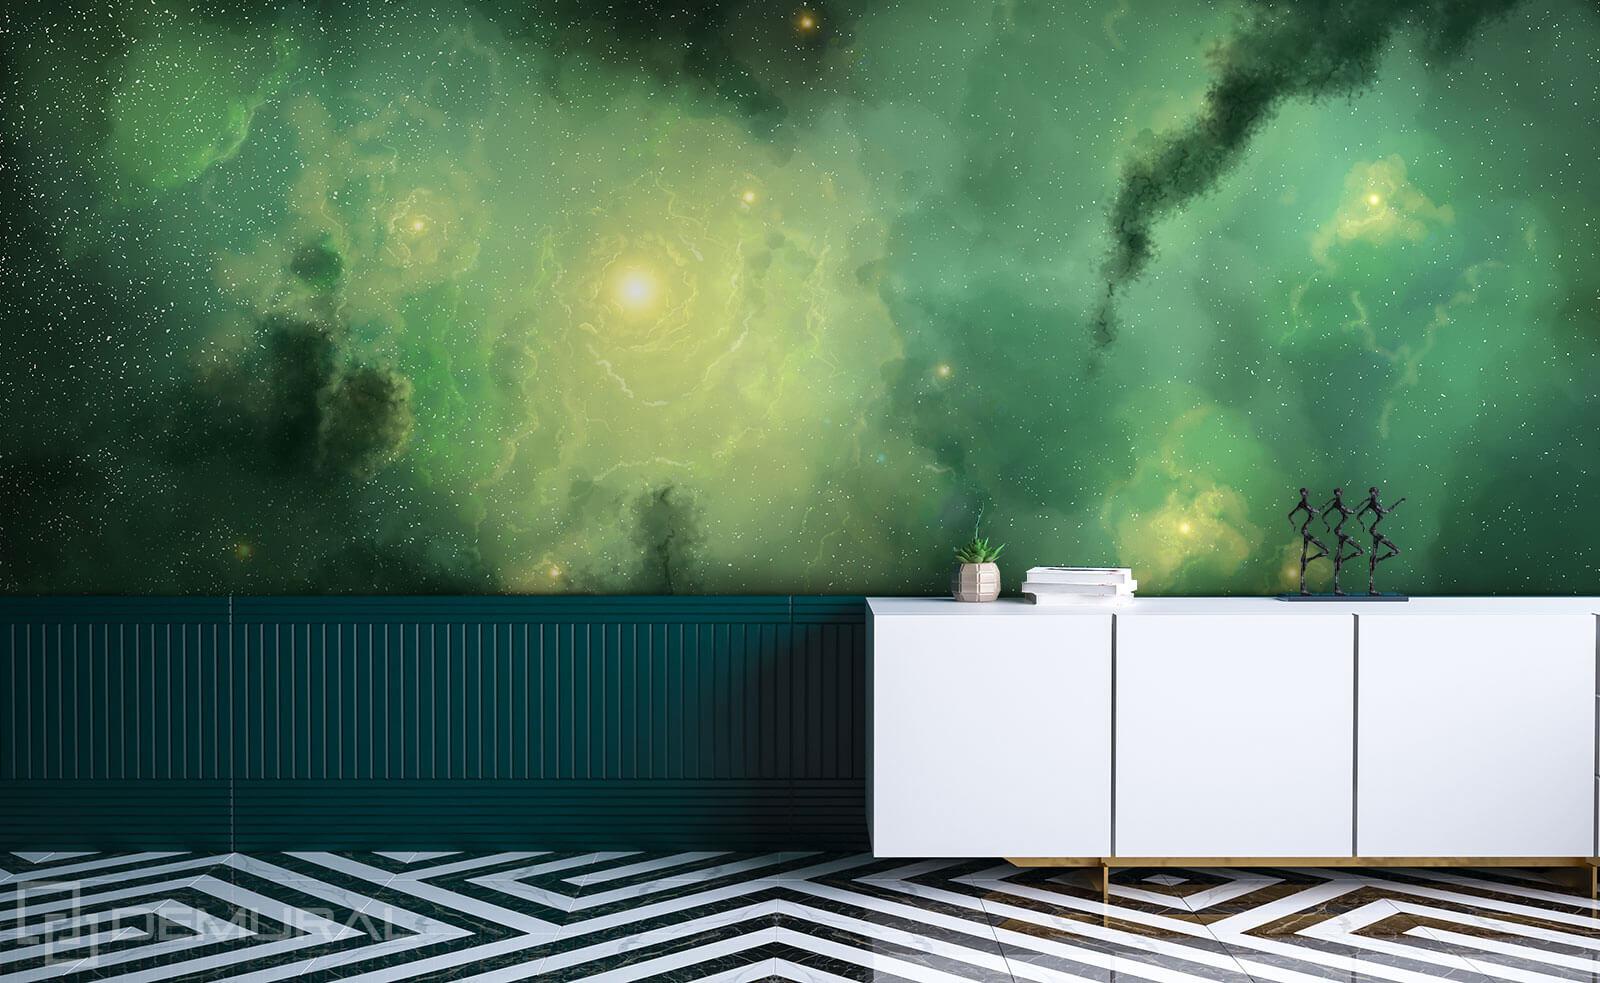 Photo wallpaper Green Galaxy - Photo wallpaper 3D - Demural